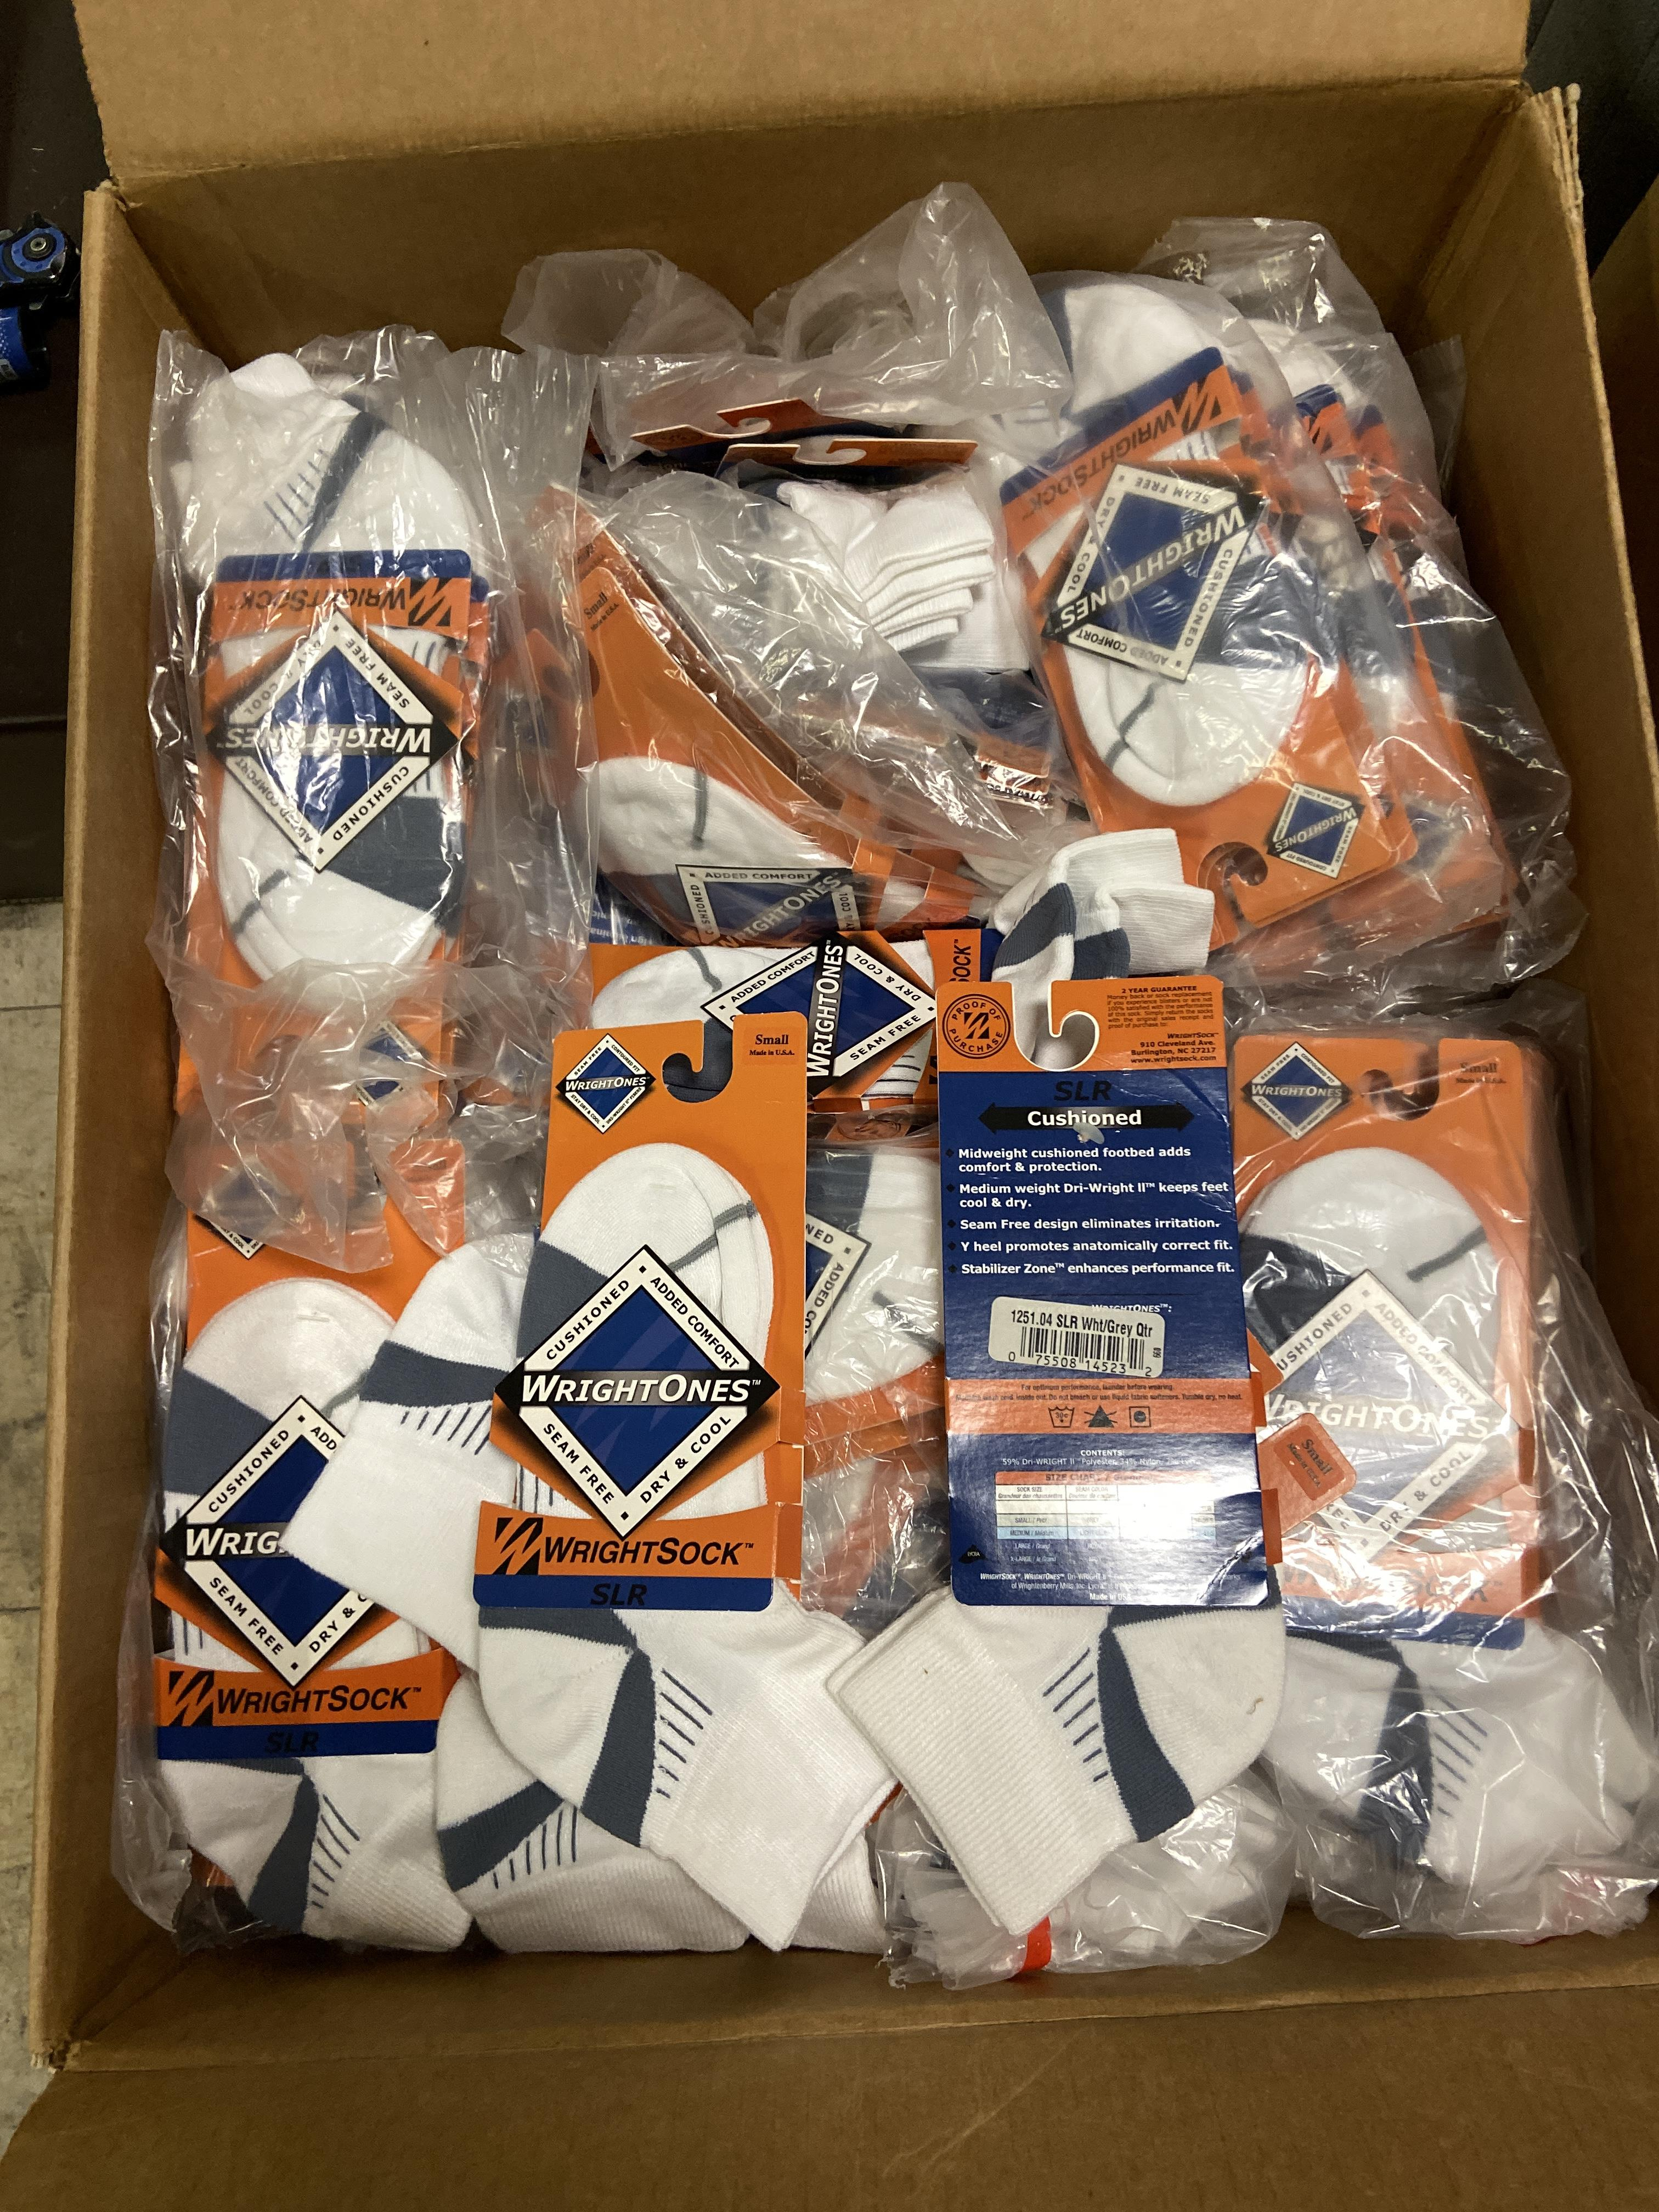 Lot 25 - 250+ packs of New Socks, Wrightsocks Wrightones SLR, White/Gray Lot includes approximately 250 packs